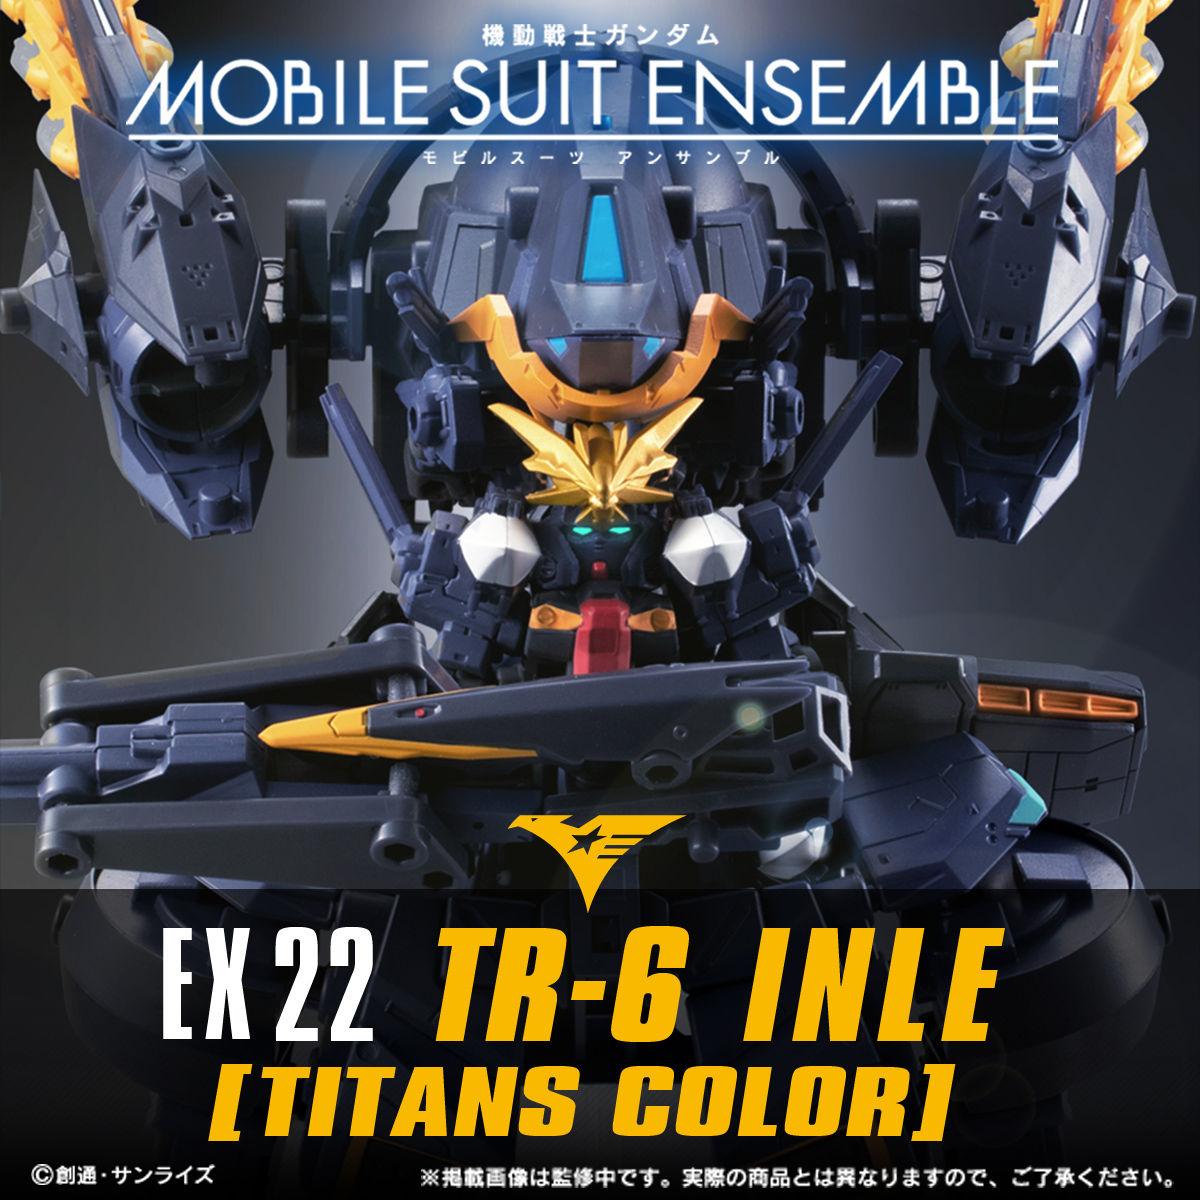 【限定販売】MOBILE SUIT ENSEMBLE『EX22 TR-6 インレ(ティターンズカラー)』デフォルメ可動フィギュア-001